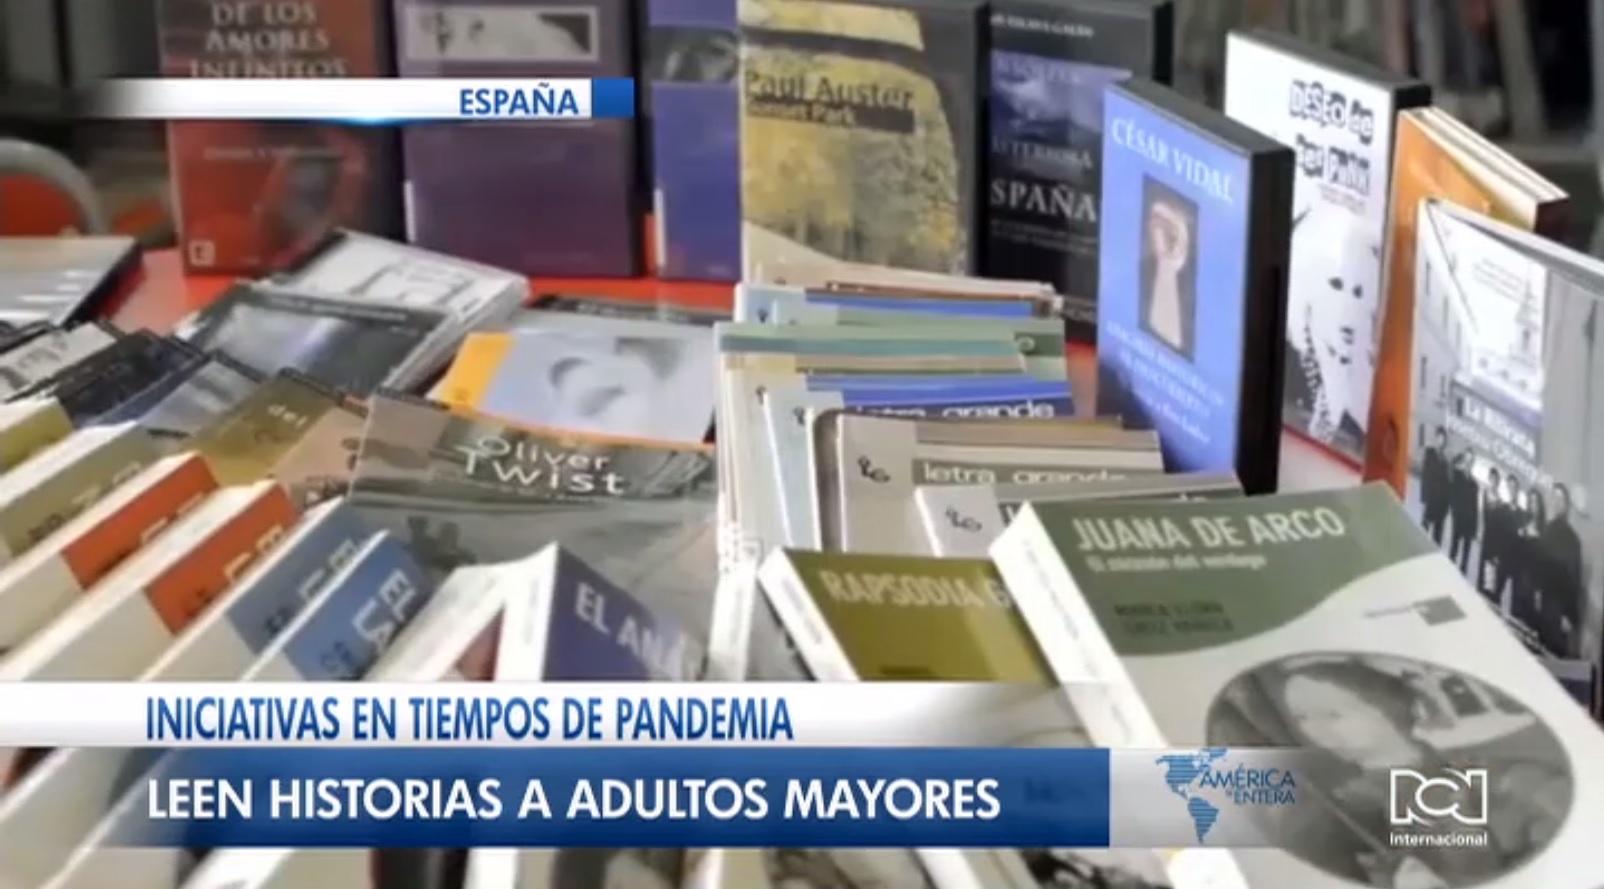 """""""Cuentos por teléfono"""": la linda iniciativa de un bibliotecario para entretener adultos mayores durante la pandemia en España"""